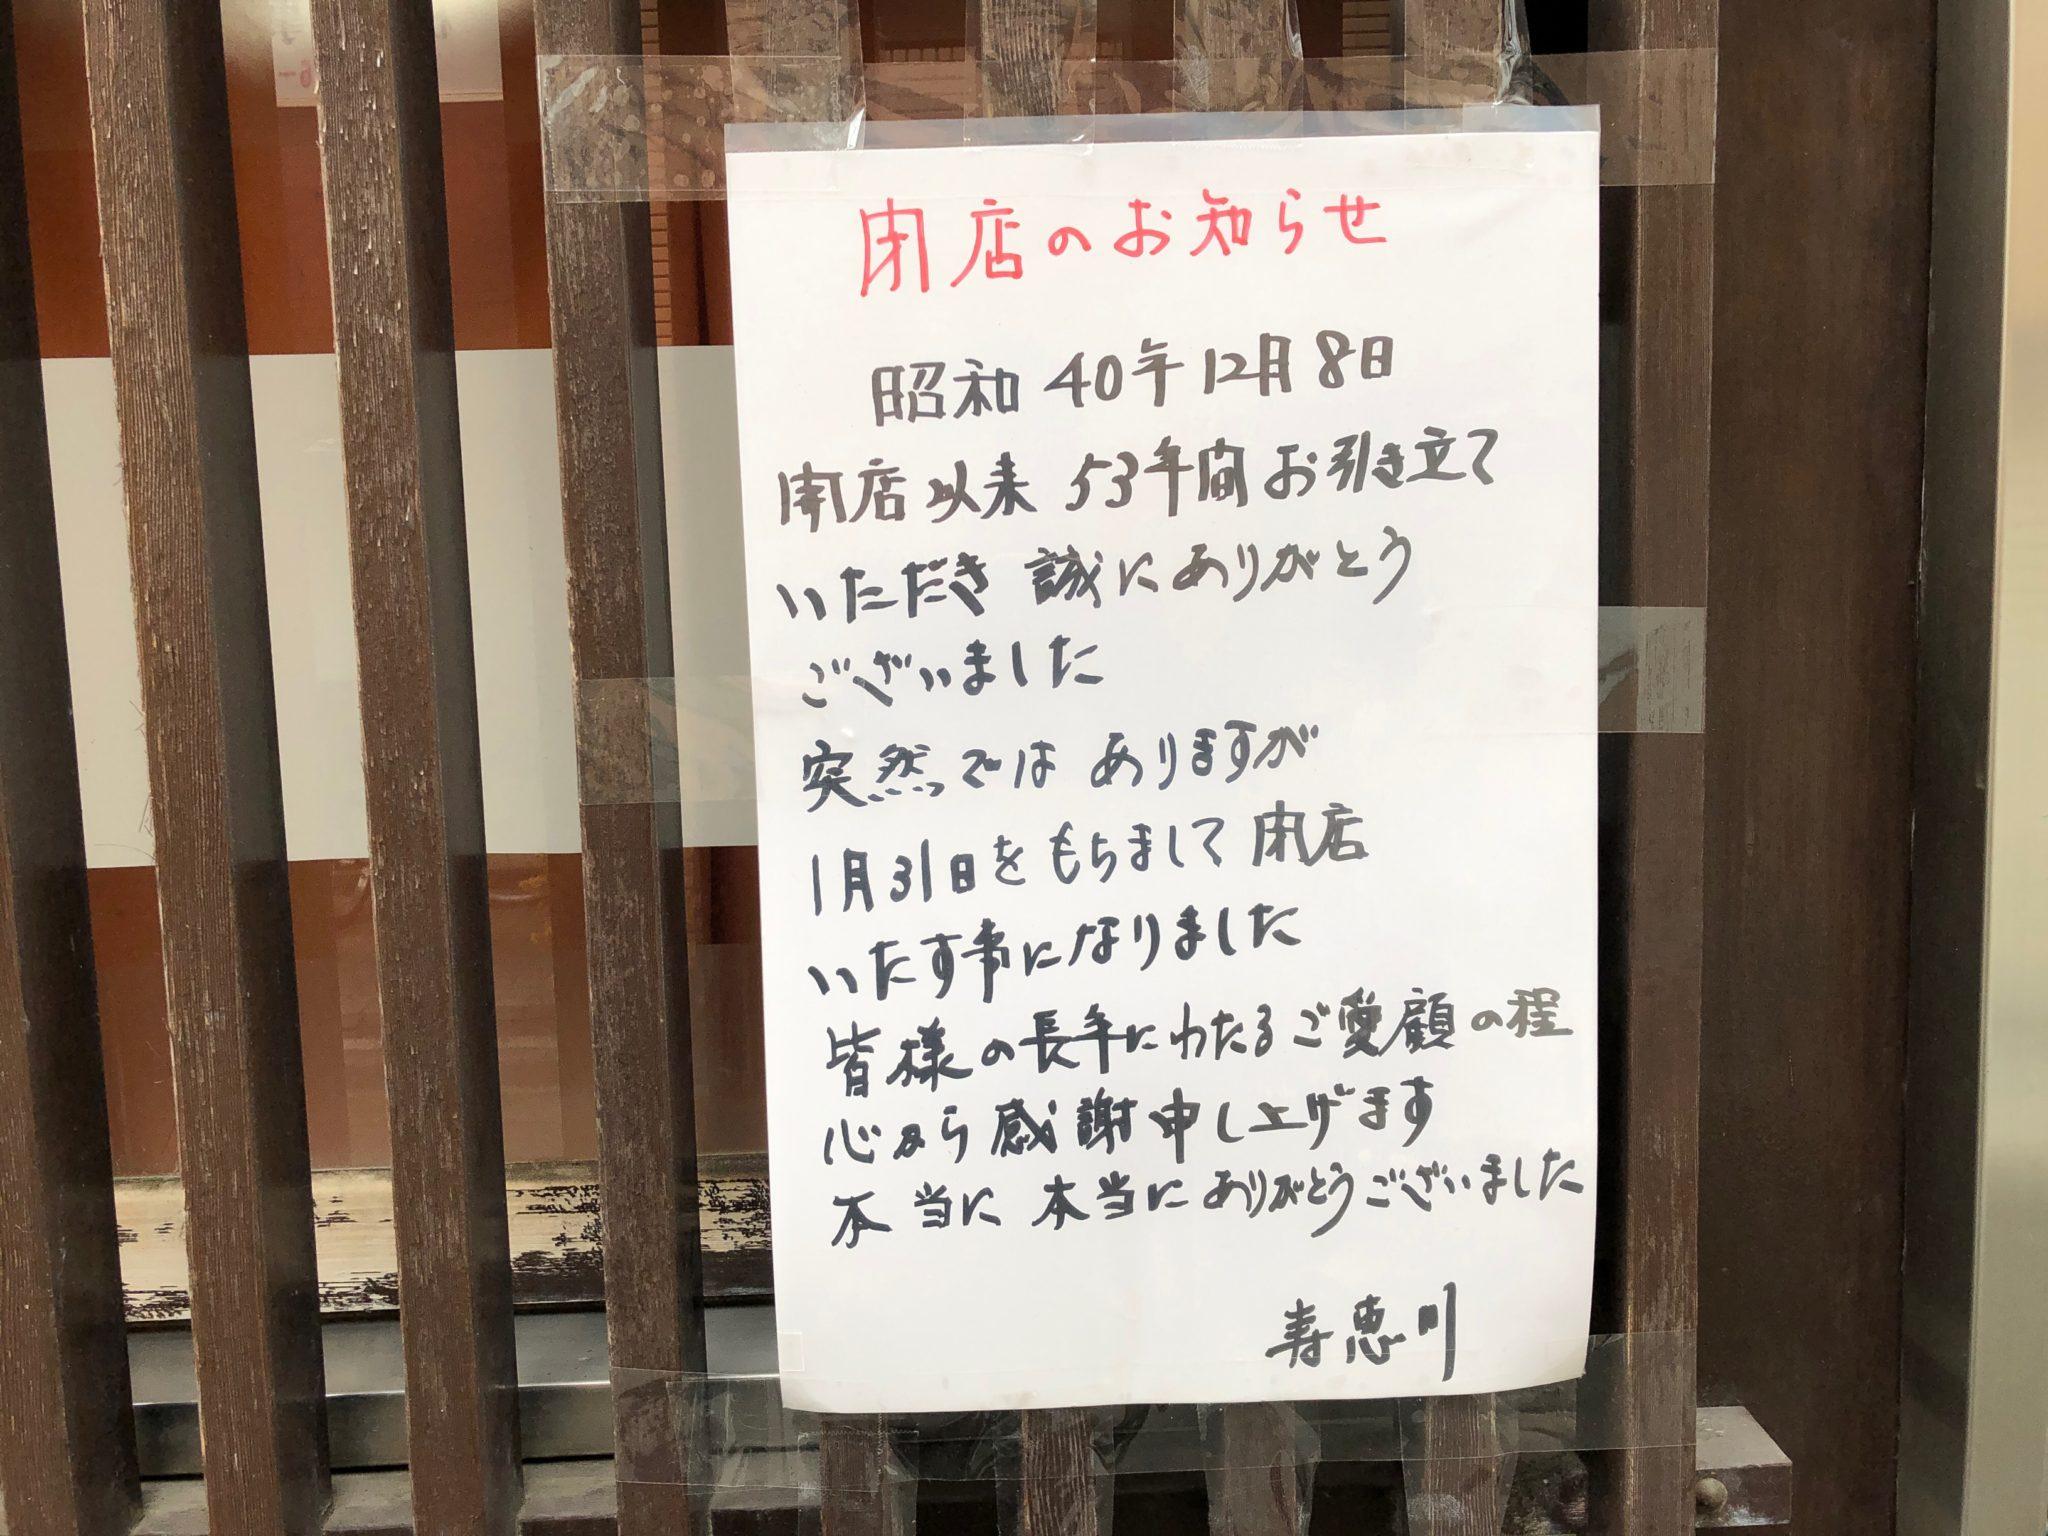 経堂の寿恵川閉店のお知らせ